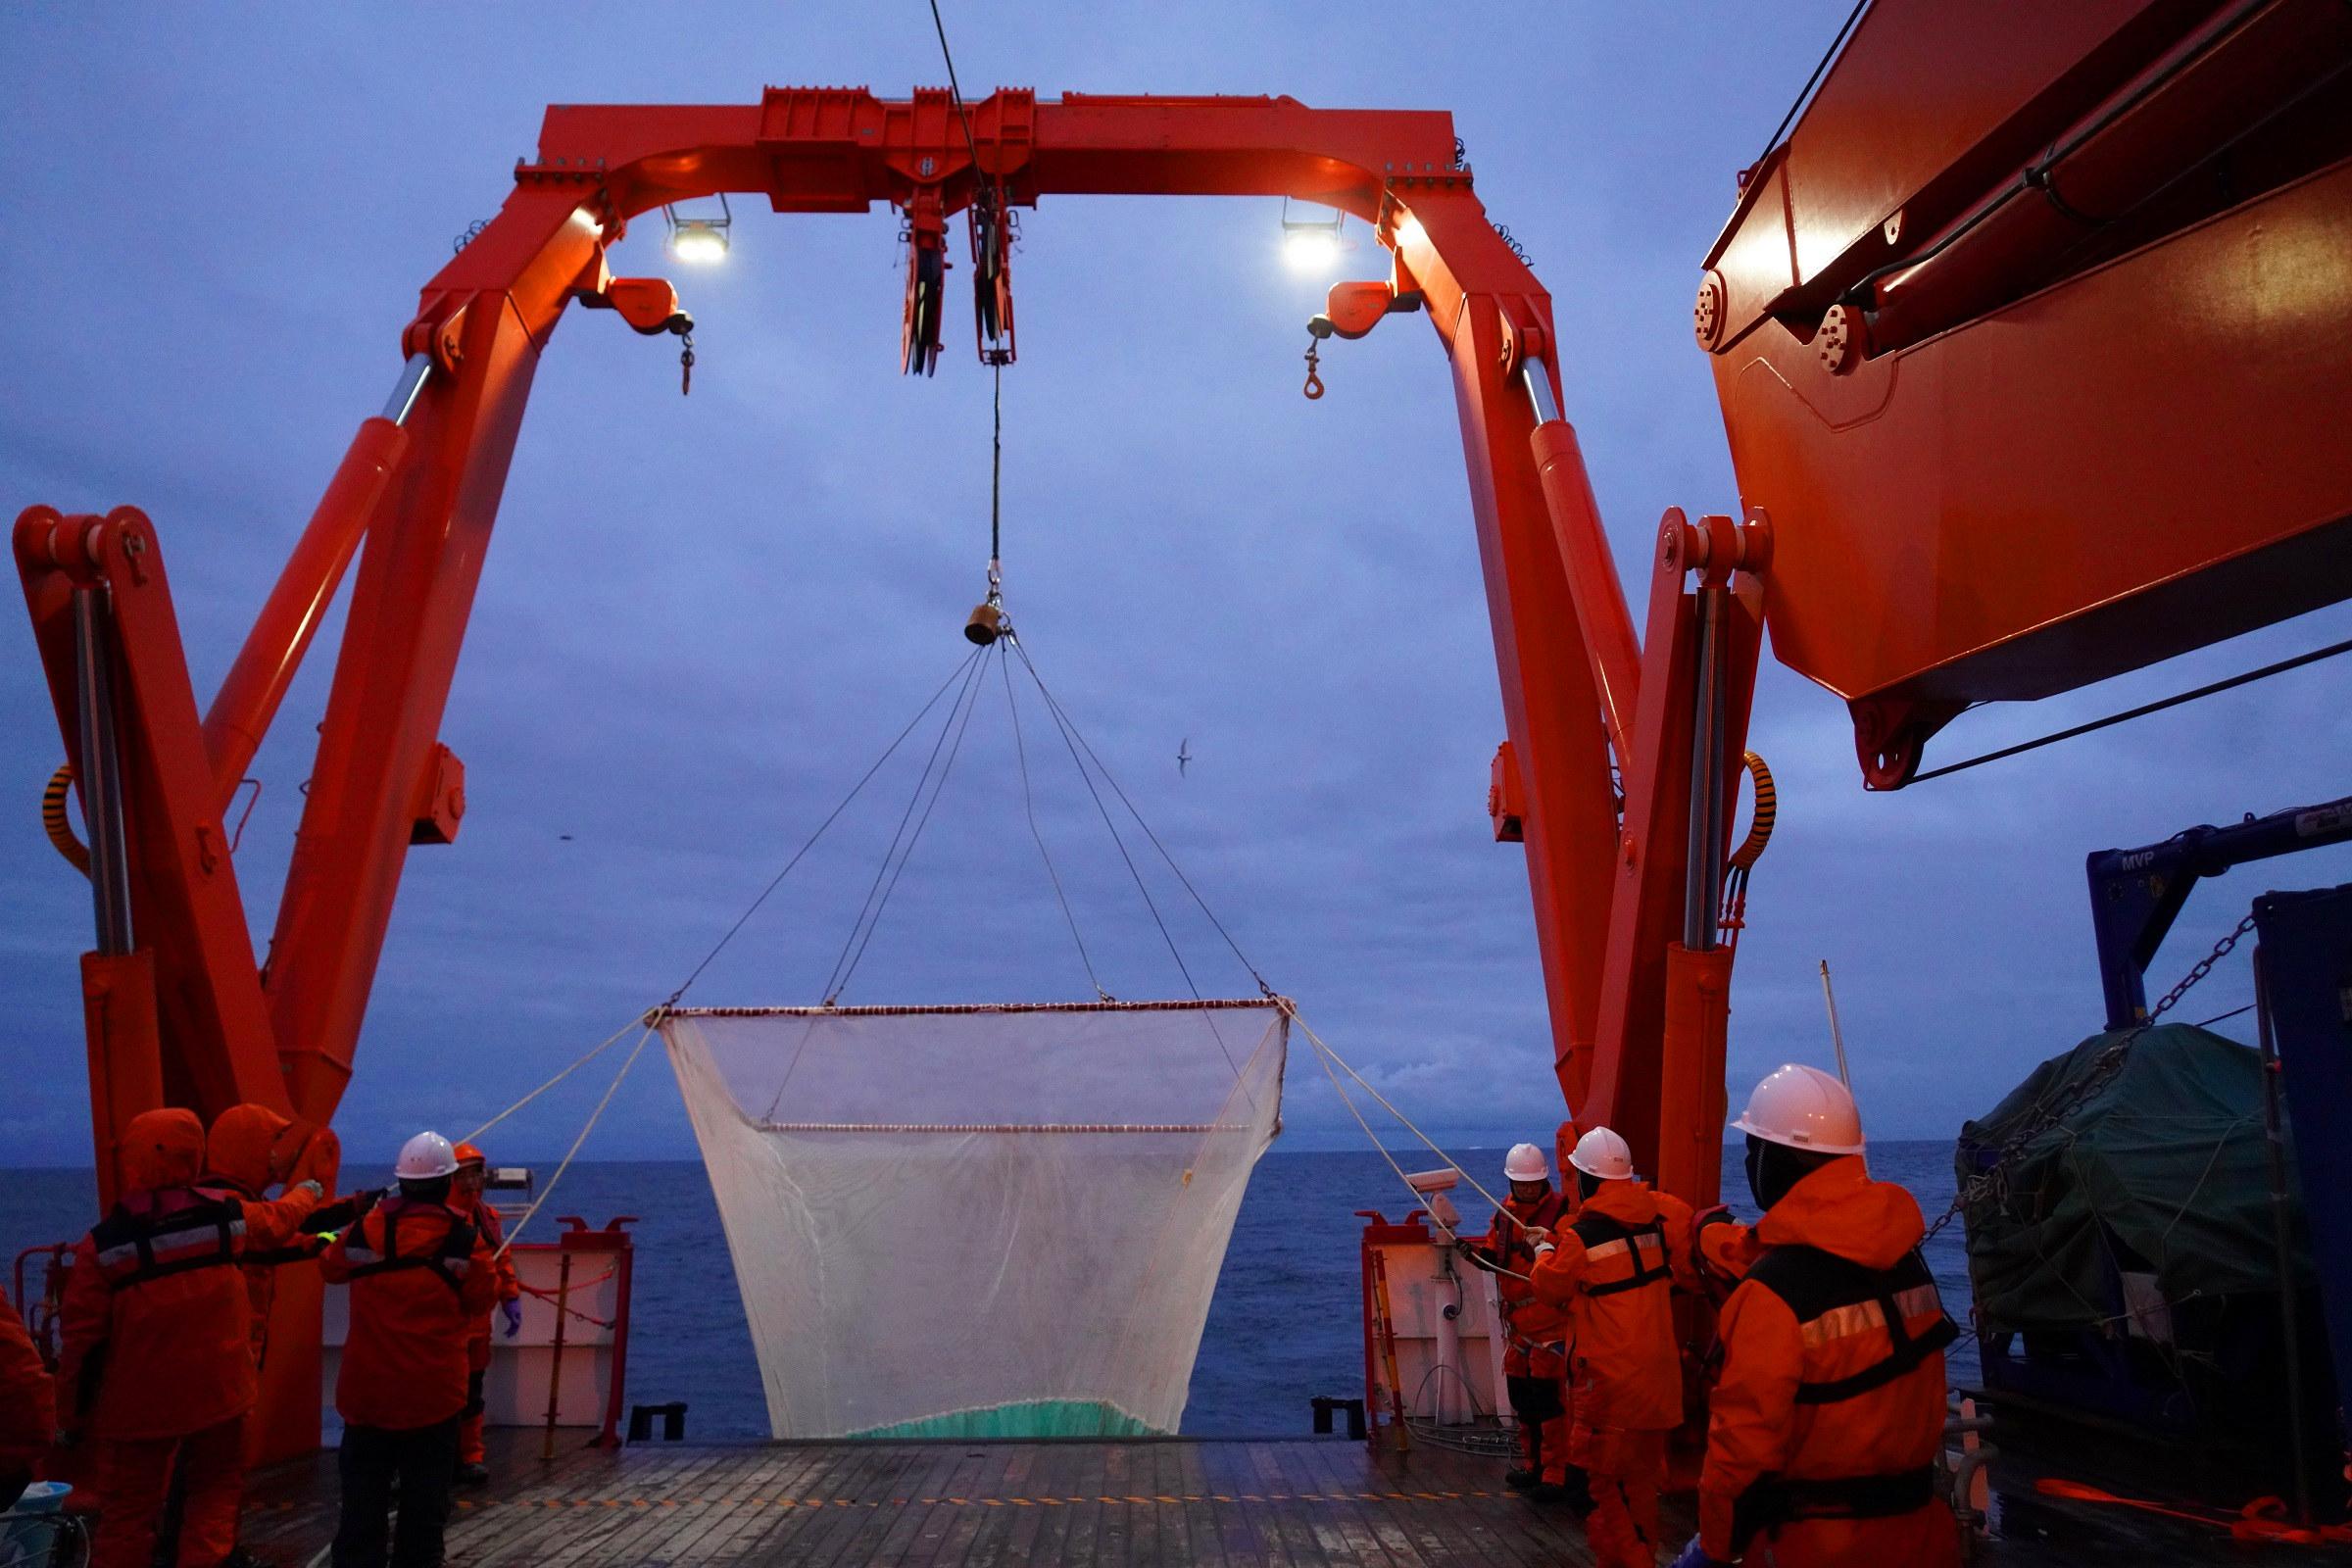 中国南極科学観測隊、コスモノート海で初の総合観測を実施